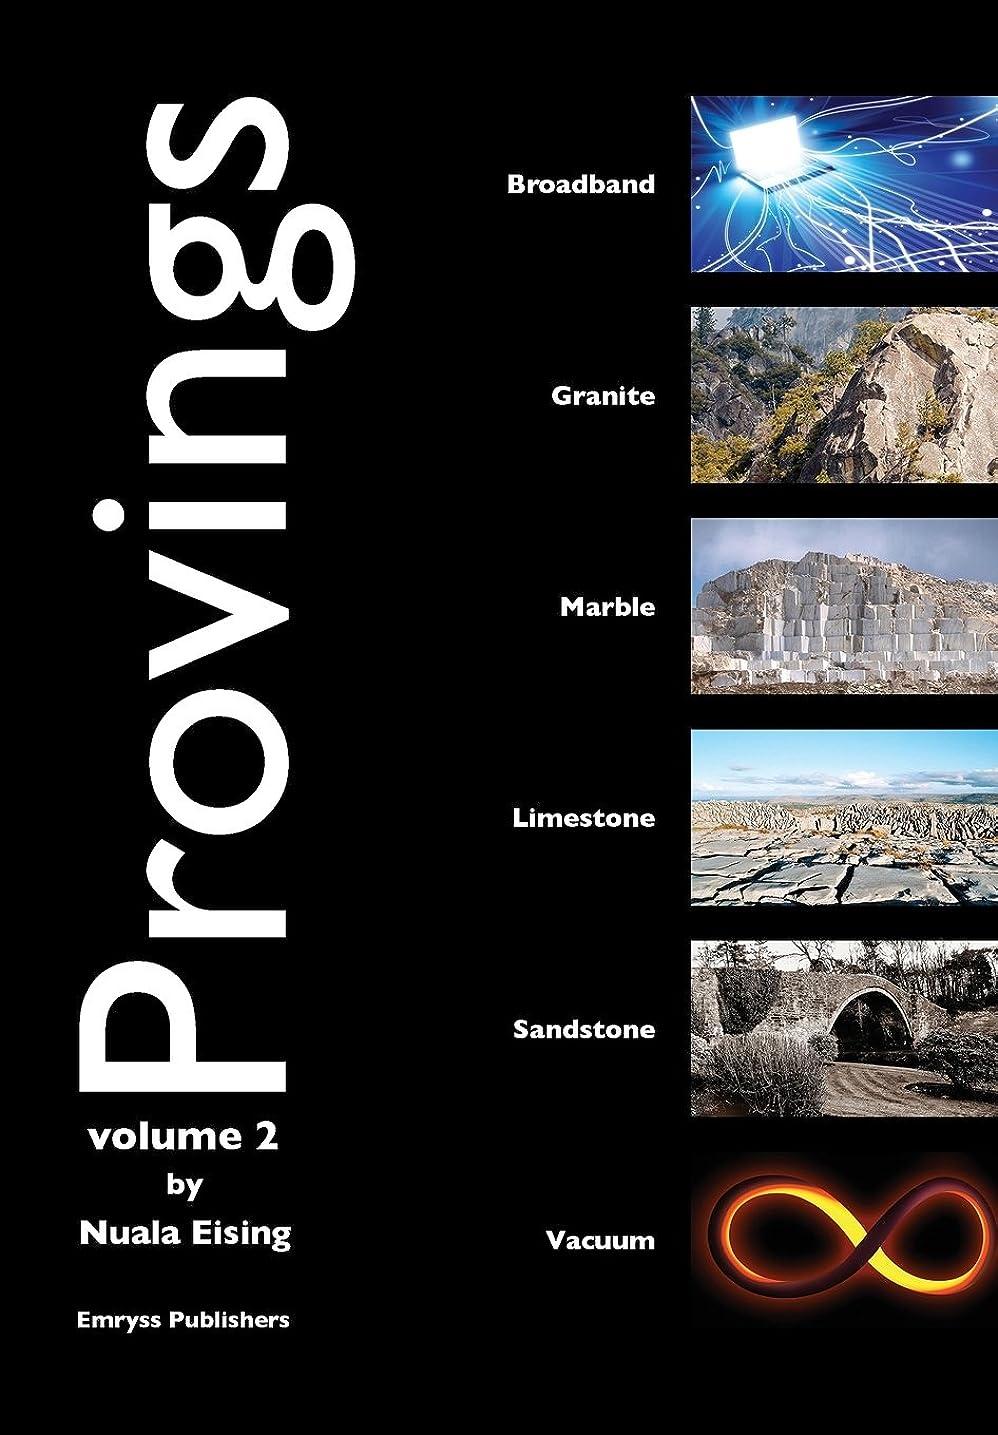 高齢者乞食モンゴメリーProvings vol 2: Broadband, Granite, Marble, Limestone, Sandstone & Vacuum